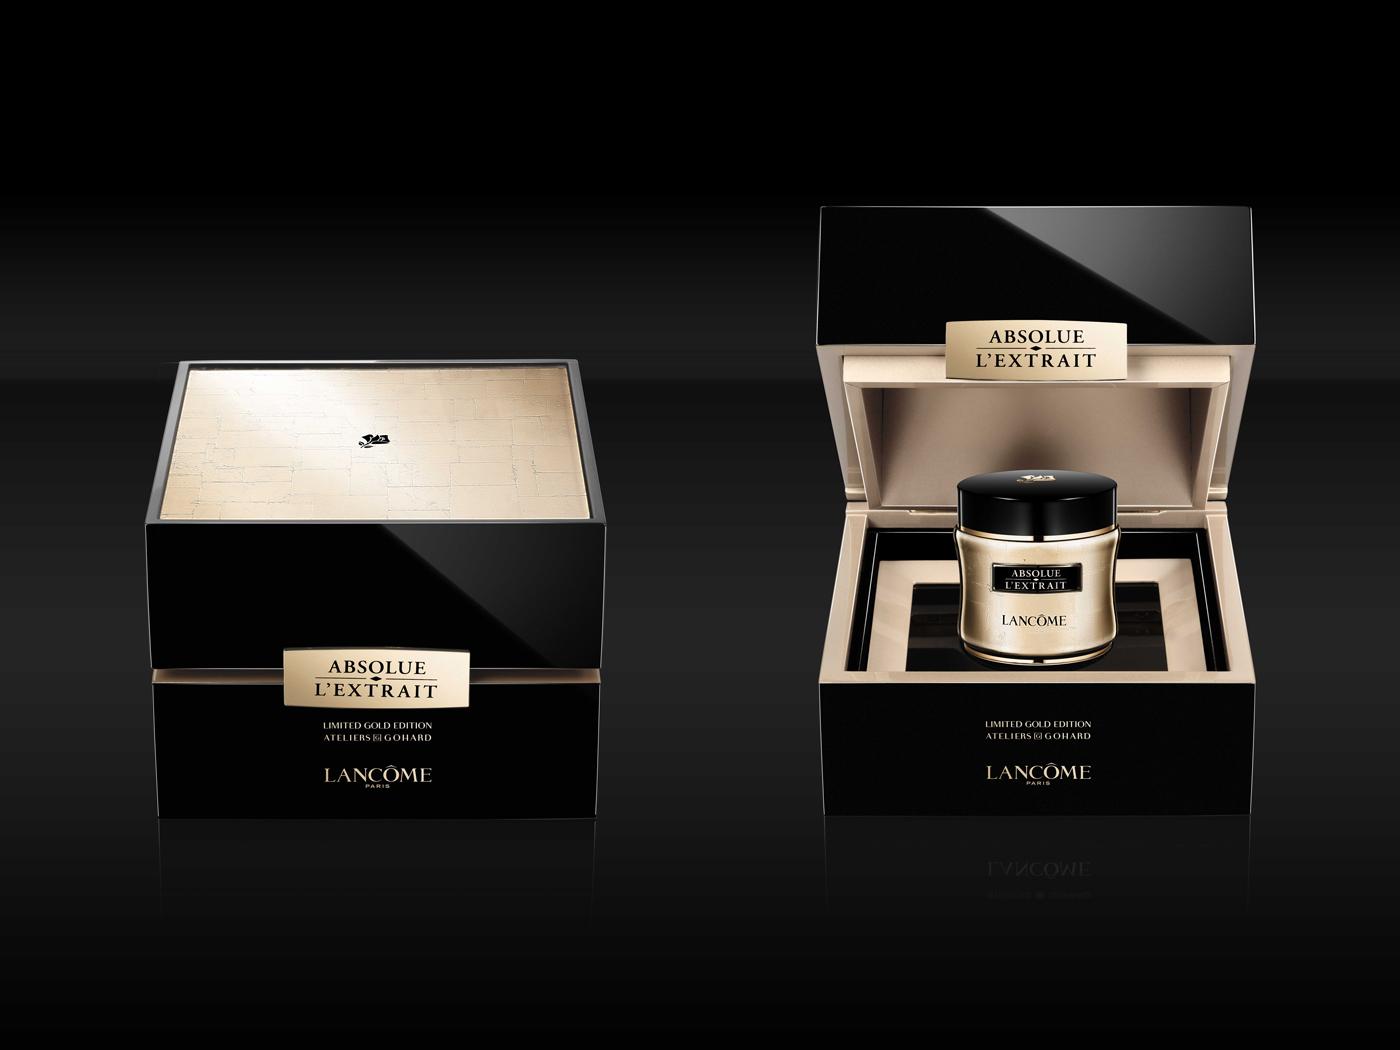 Lancôme & Gohard - Un design pensé par l'agence de design de Paris Partisan du Sens.